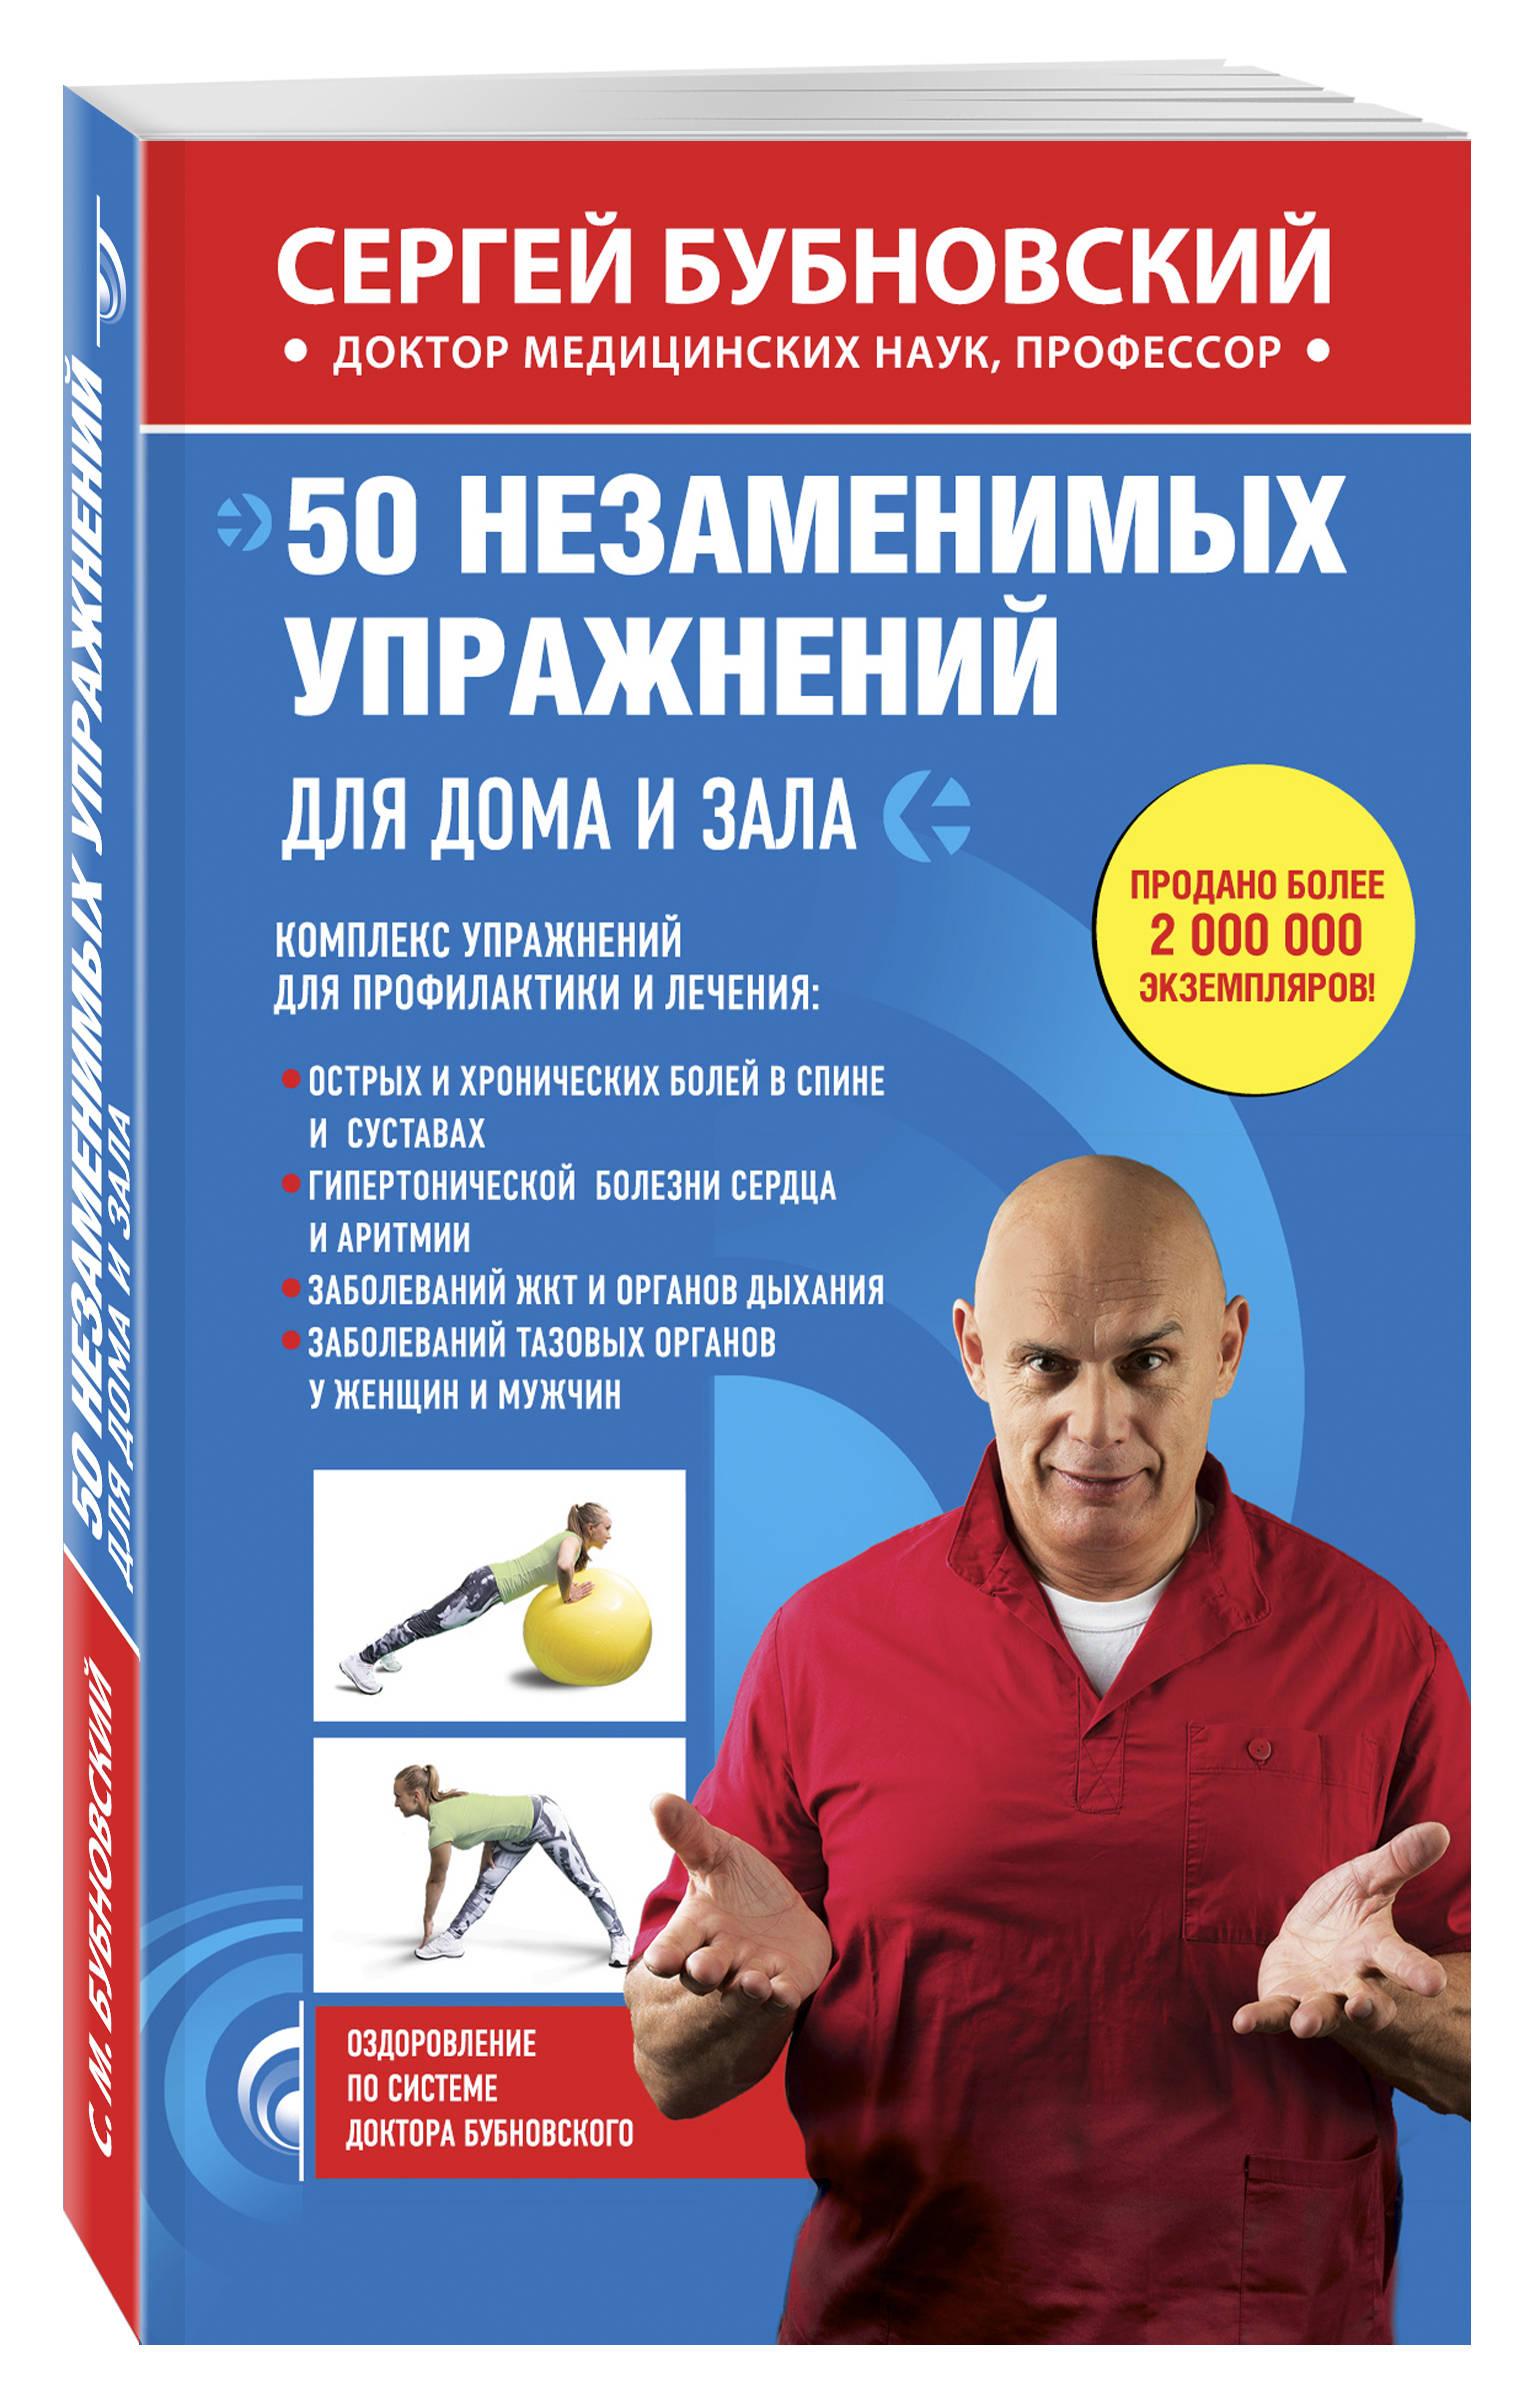 Бубновский С.М. 50 незаменимых упражнений для дома и зала кинезитерапия доктор бубновский тренажер